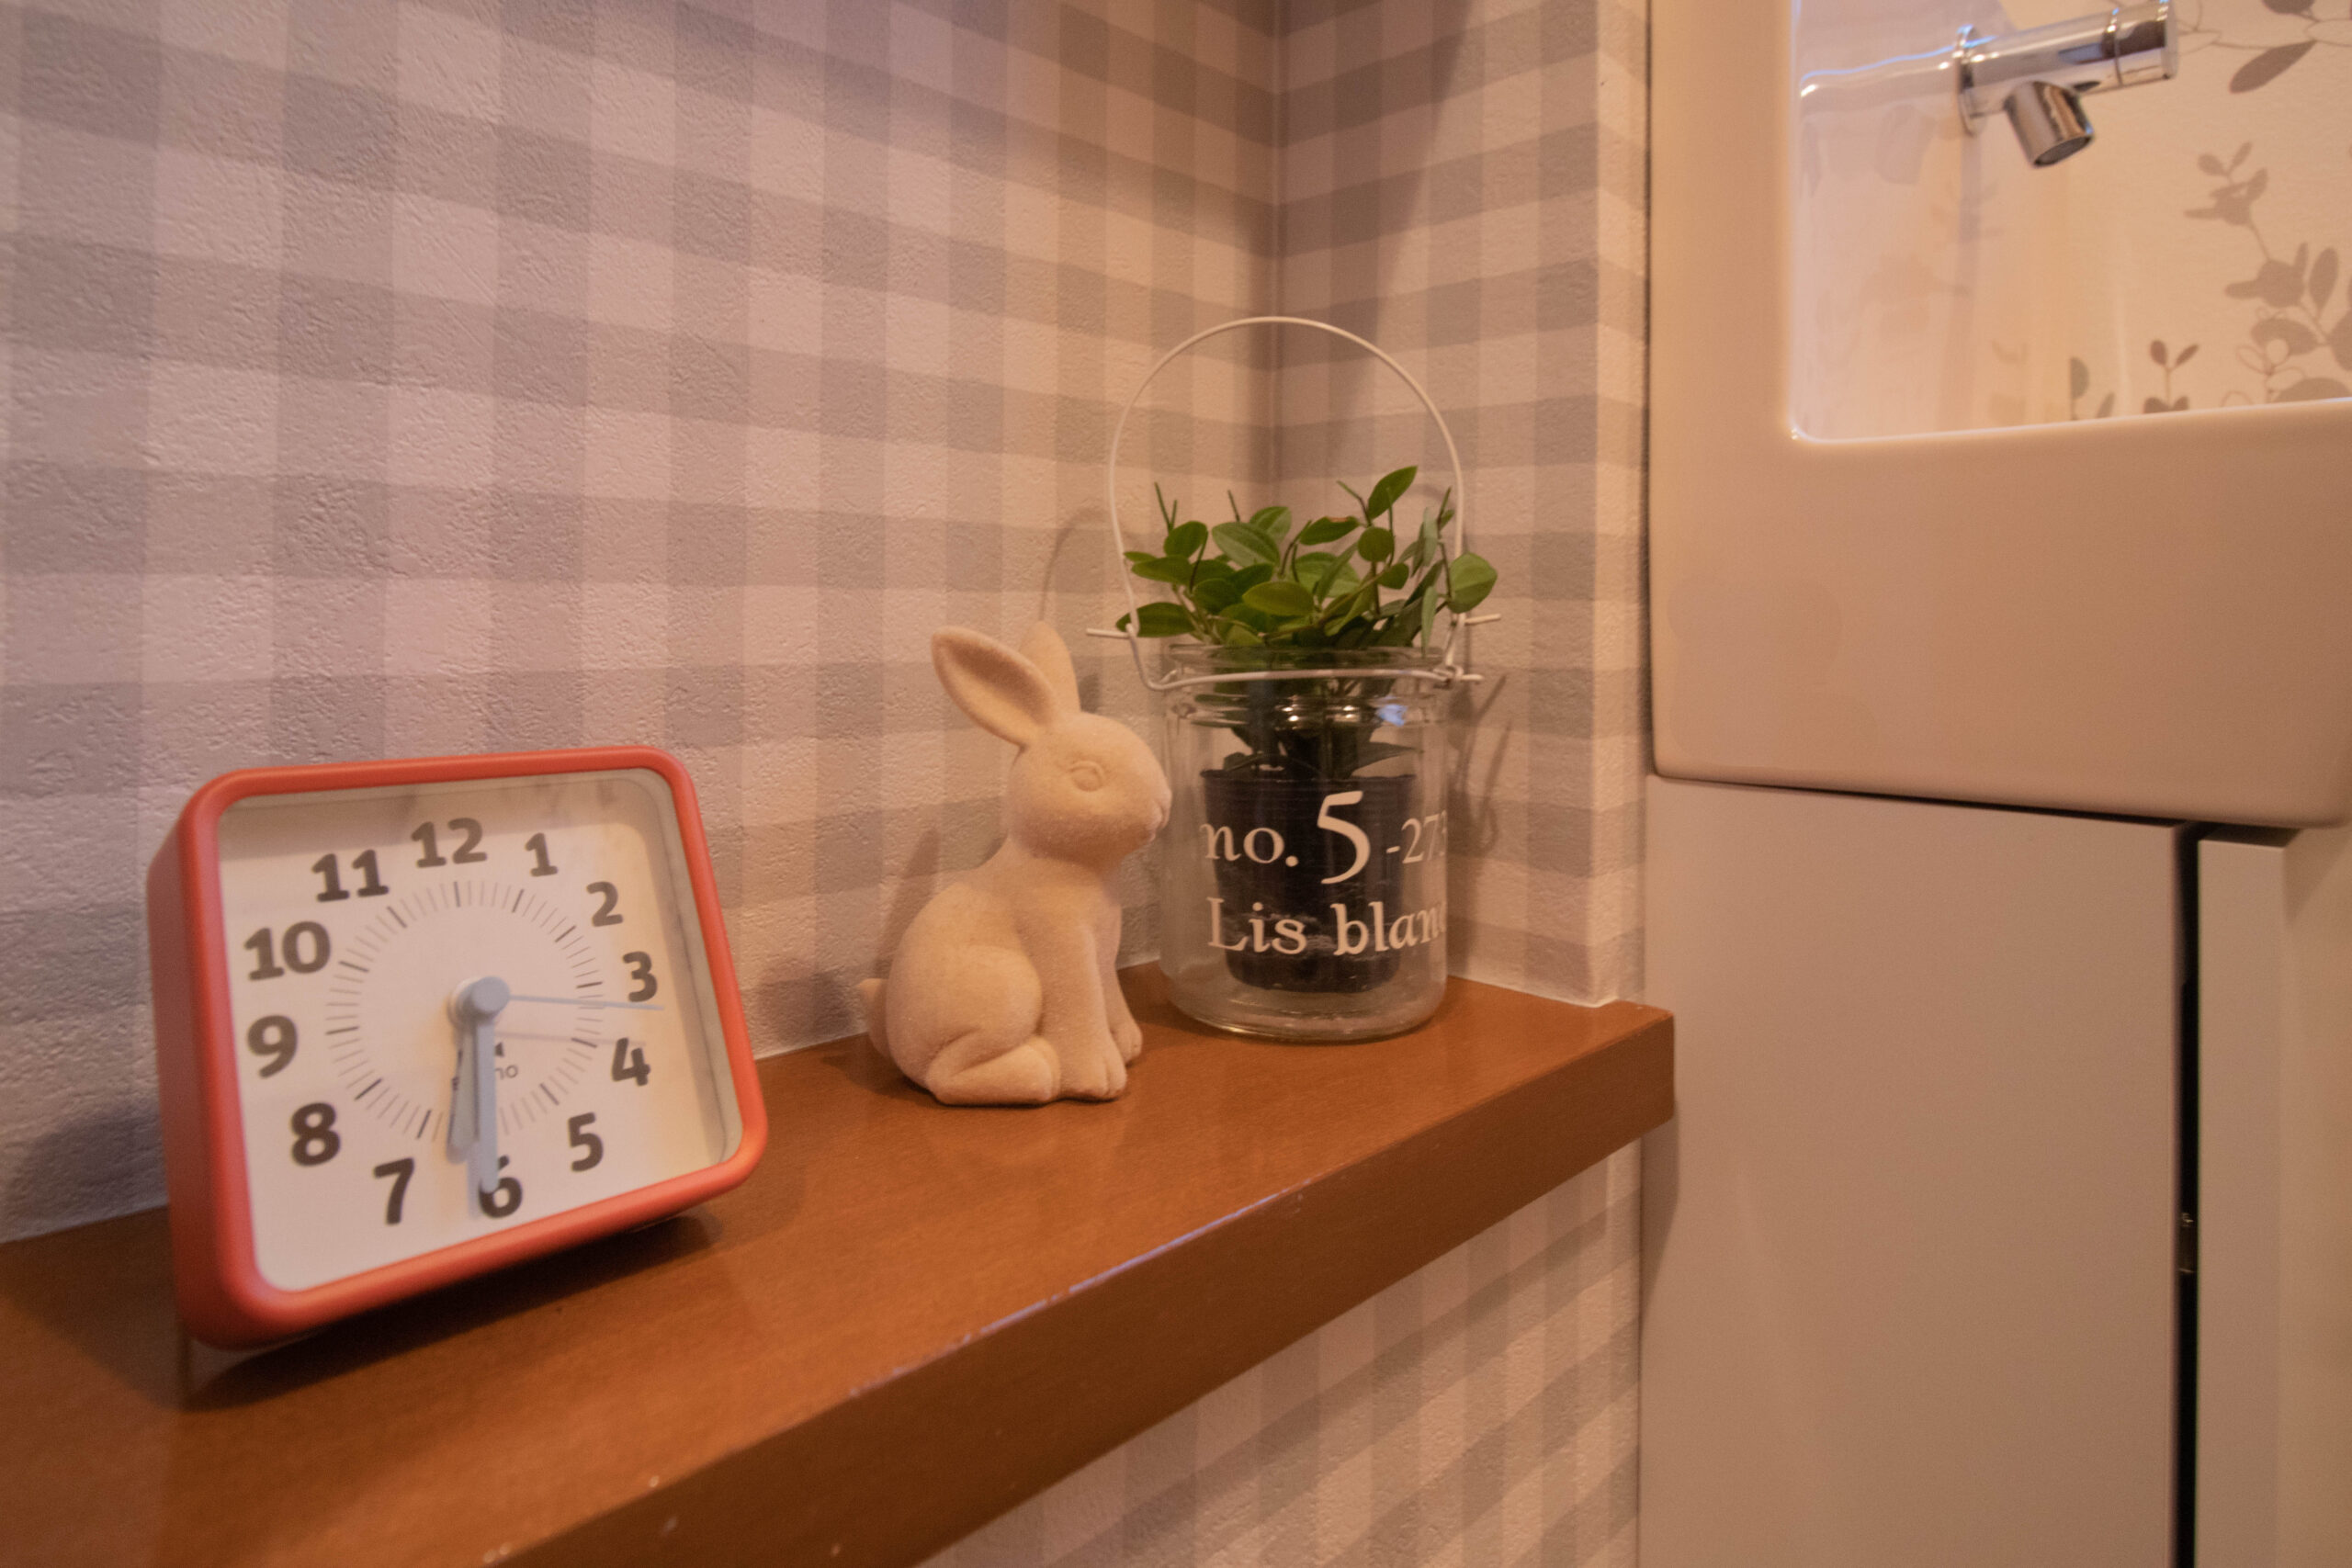 佐賀市大和町 T様 トイレ・浴室・洗面脱衣所改修工事『心が落ち着くやすらぎ空間』